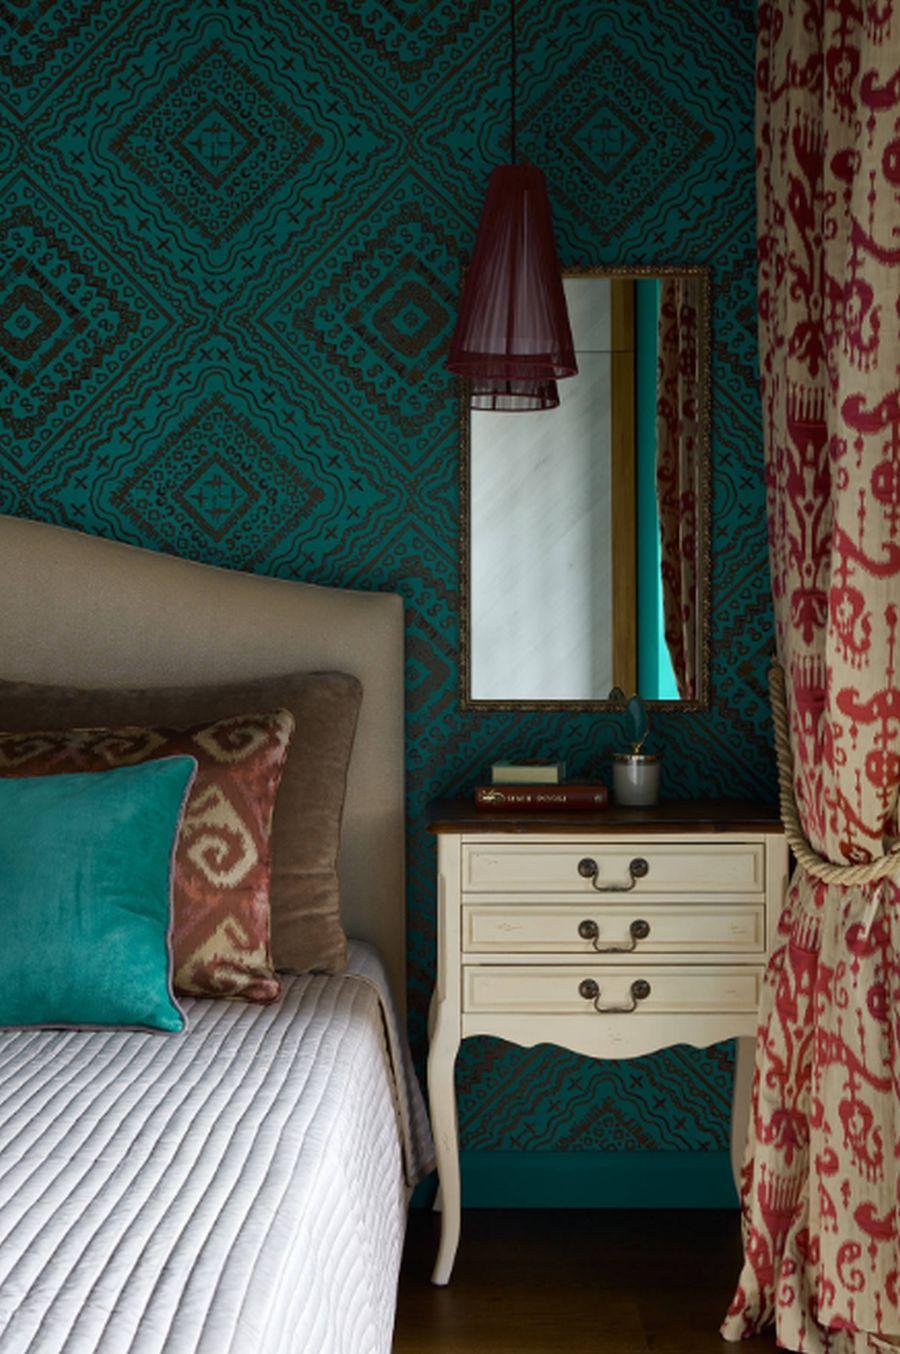 adelaparvu.com despre apartament de 93 mp,Moscova, Design Valery Belousov, Valery Design, Foto Sergey Ananiev (6)